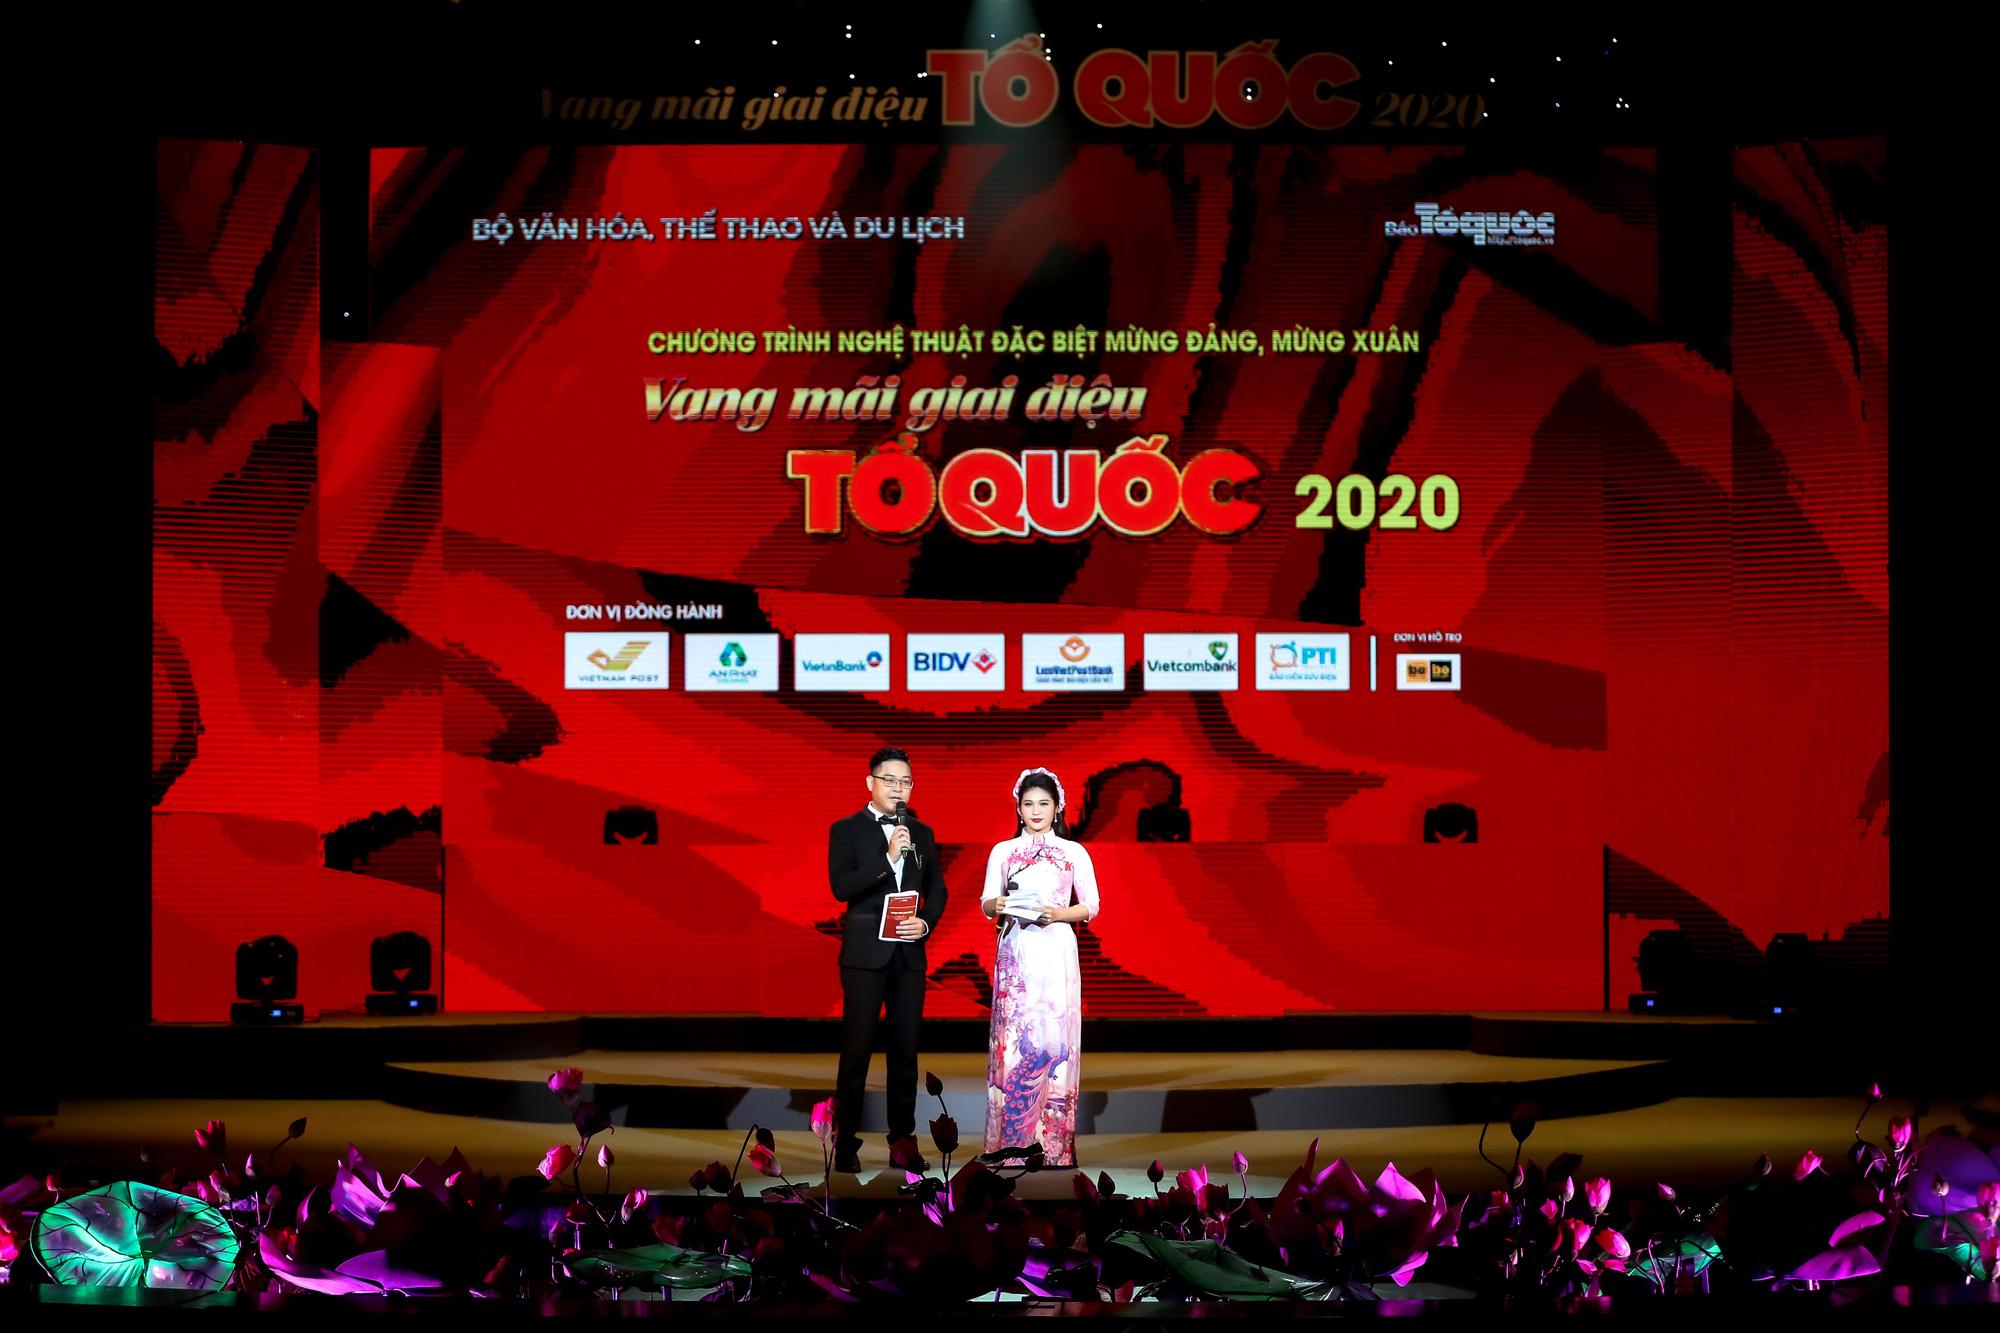 Những hình ảnh ấn tượng của Vang mãi giai điệu Tổ Quốc  2020 - Ảnh 3.